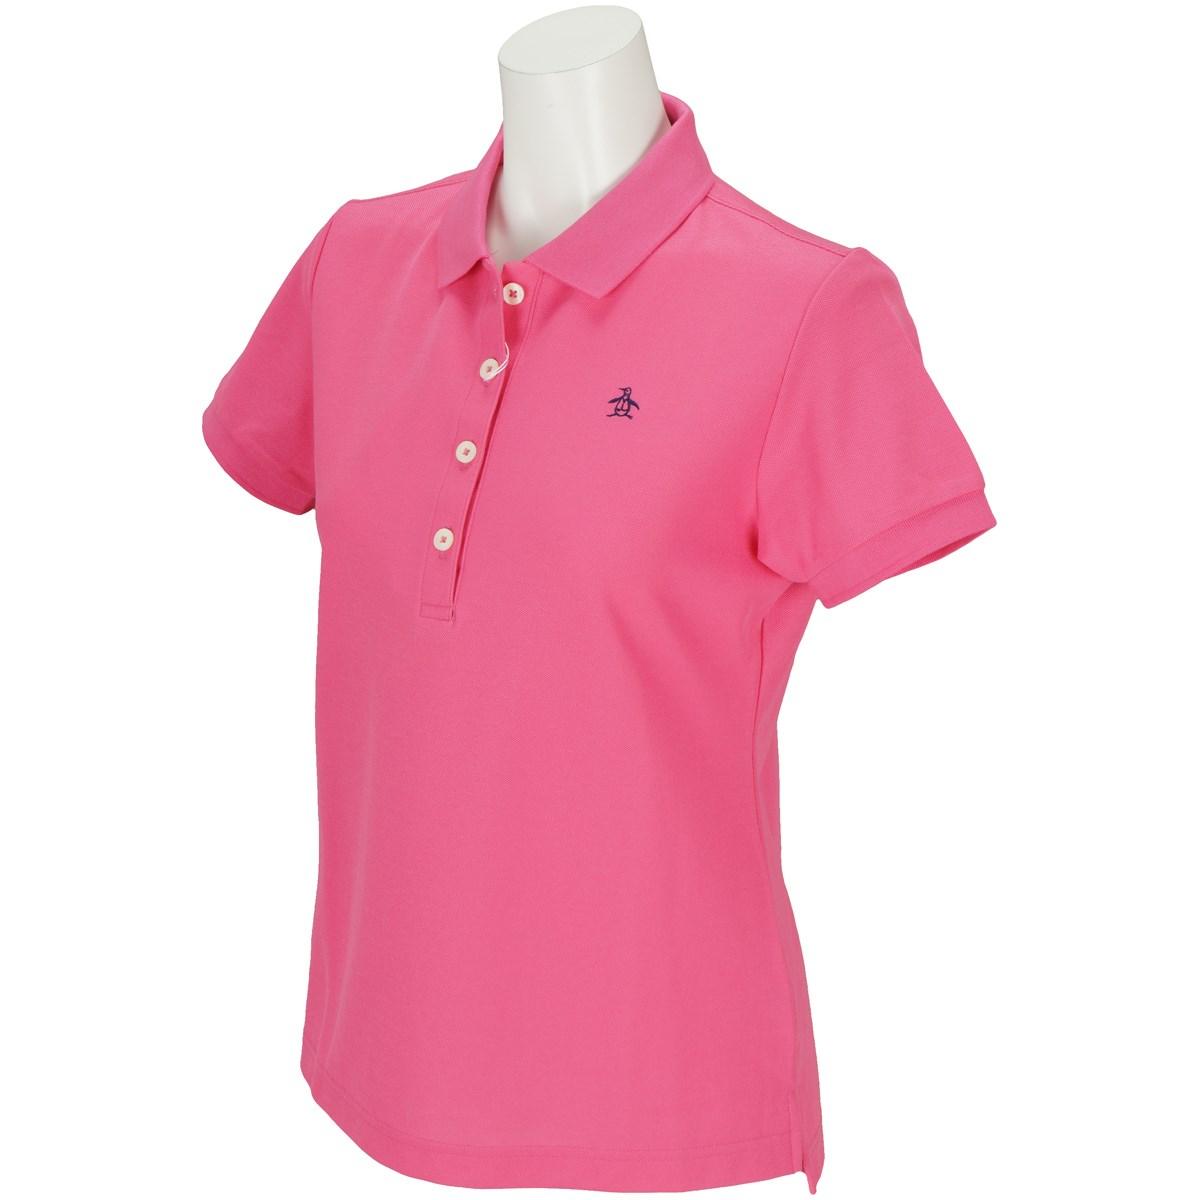 マンシングウェア Munsingwear 半袖ポロシャツ 3L 濃ピンク W559 レディス